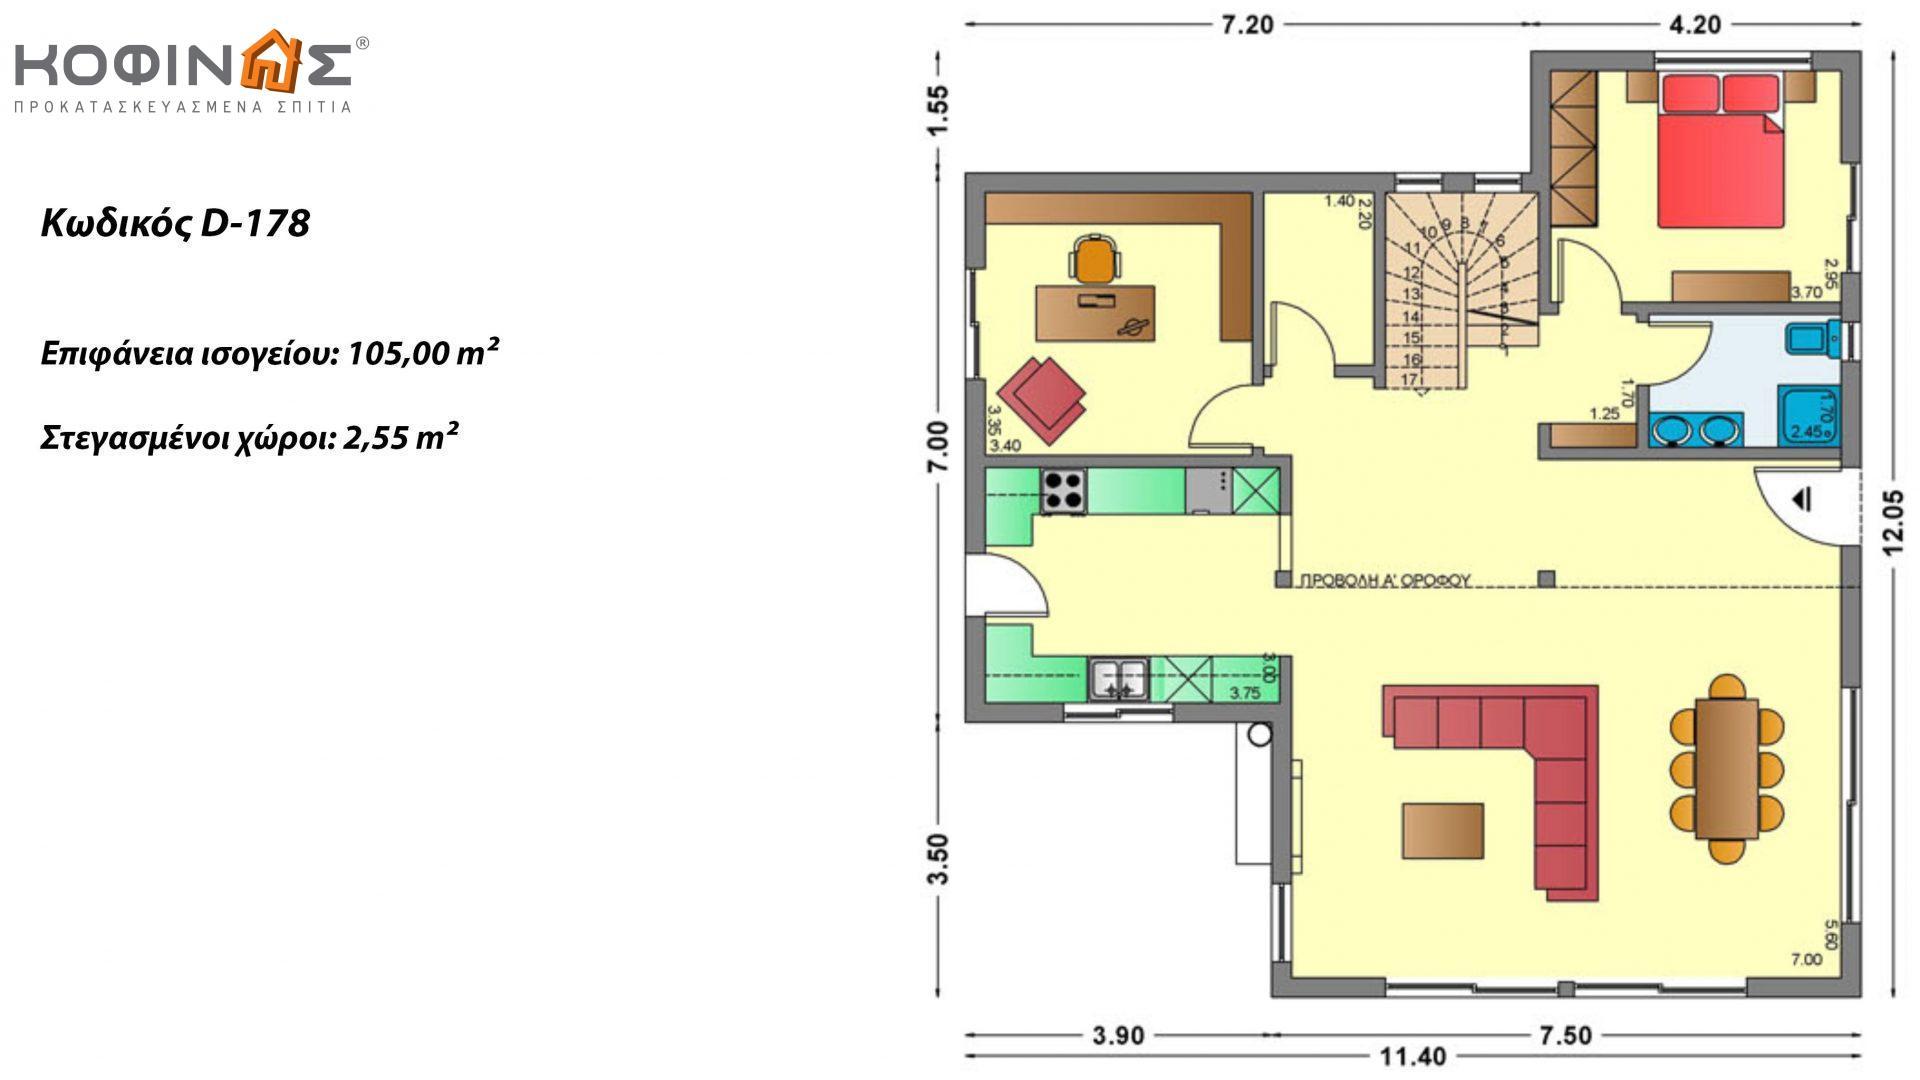 Διώροφη Κατοικία D-178, συνολικής επιφάνειας 178,80 τ.μ., συνολική επιφάνεια στεγασμένων χώρων 40.46 τ.μ., μπαλκόνι 37.91 τ.μ.